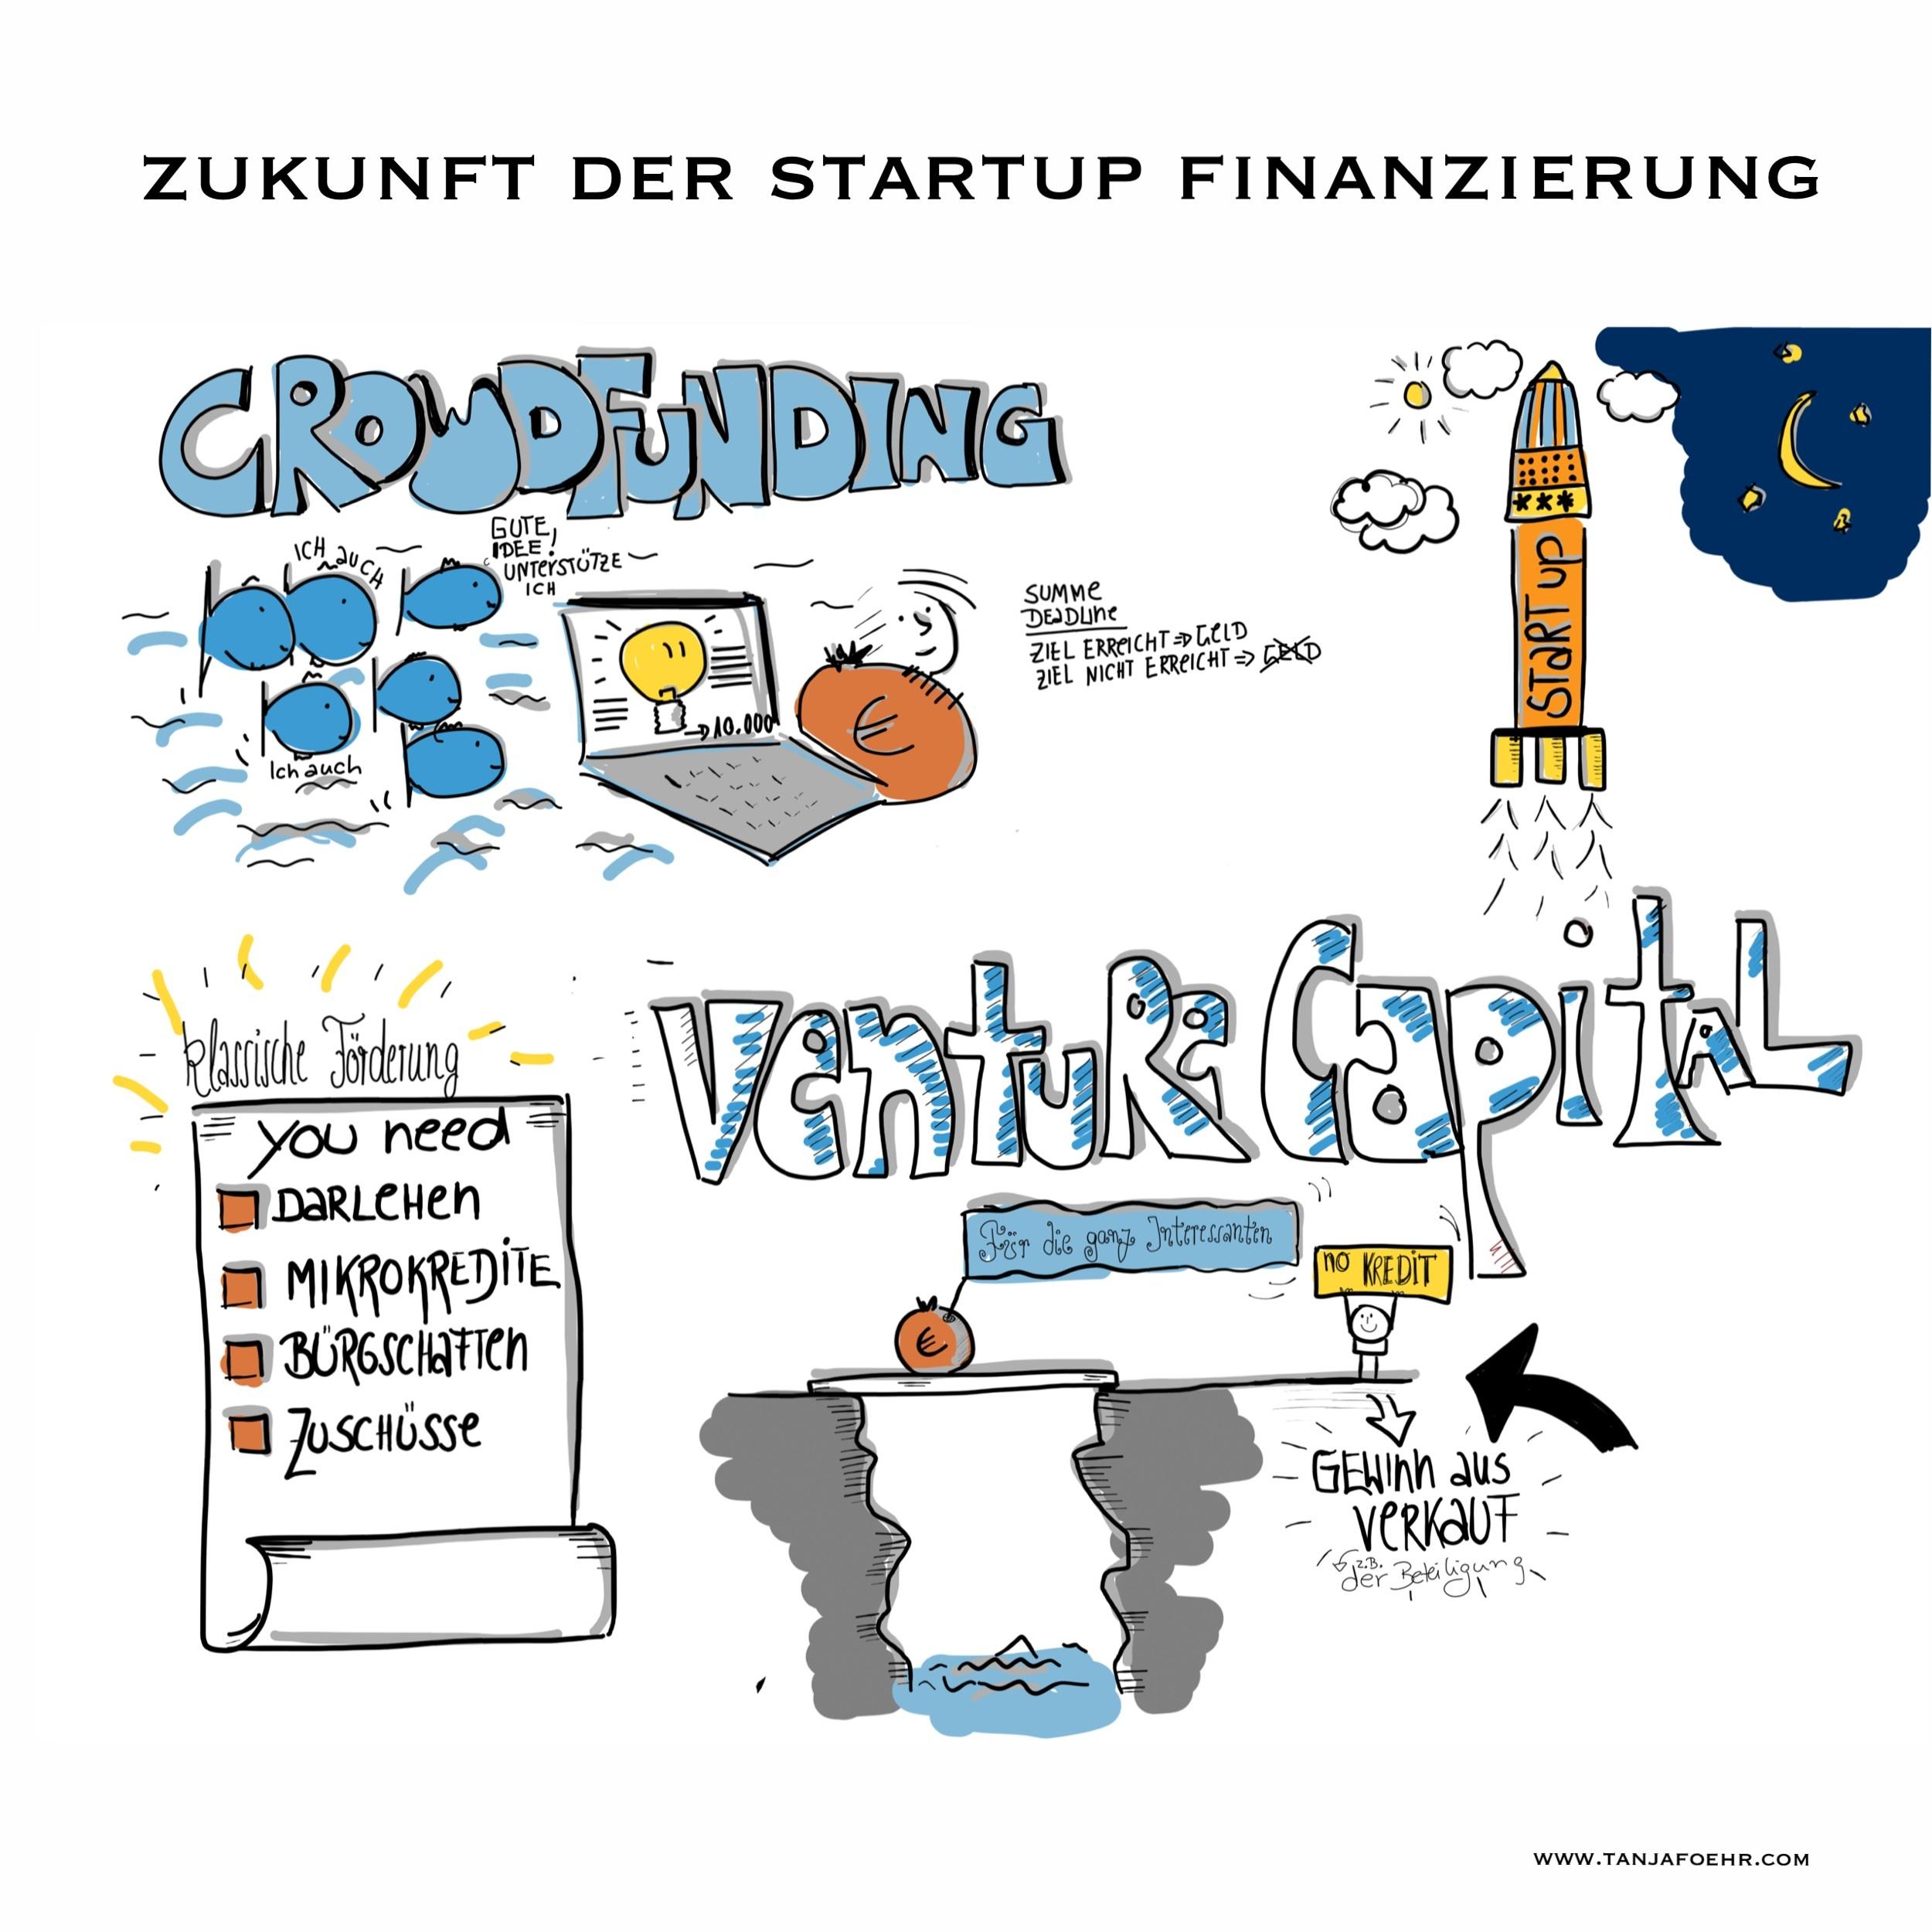 Aportando Luz al Crowdfunding tras la Propuesta de Regulación